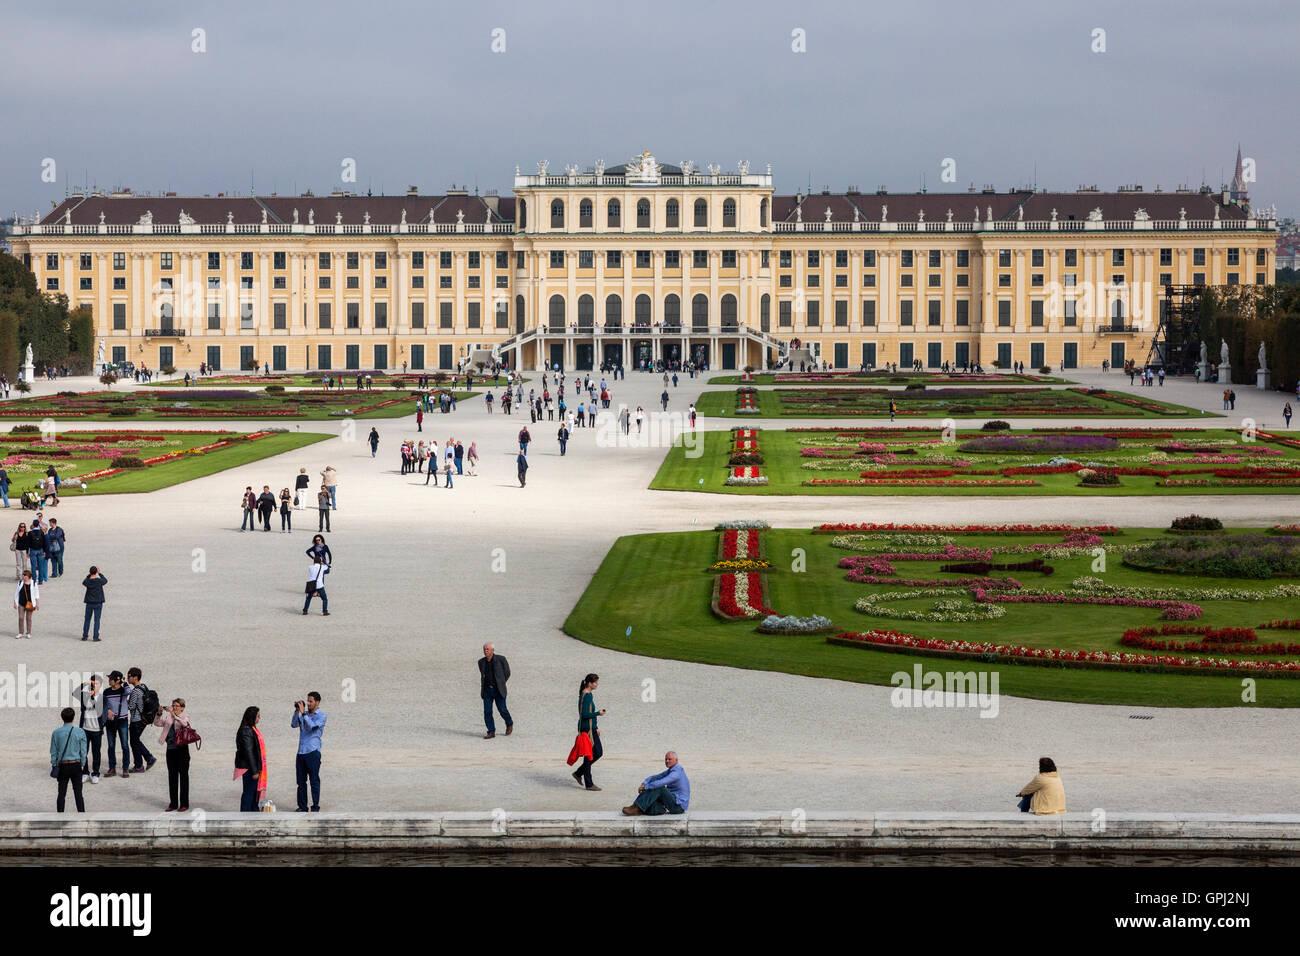 Tourists in the garden of Schönbrunn Palace in Vienna, Austria Stock Photo